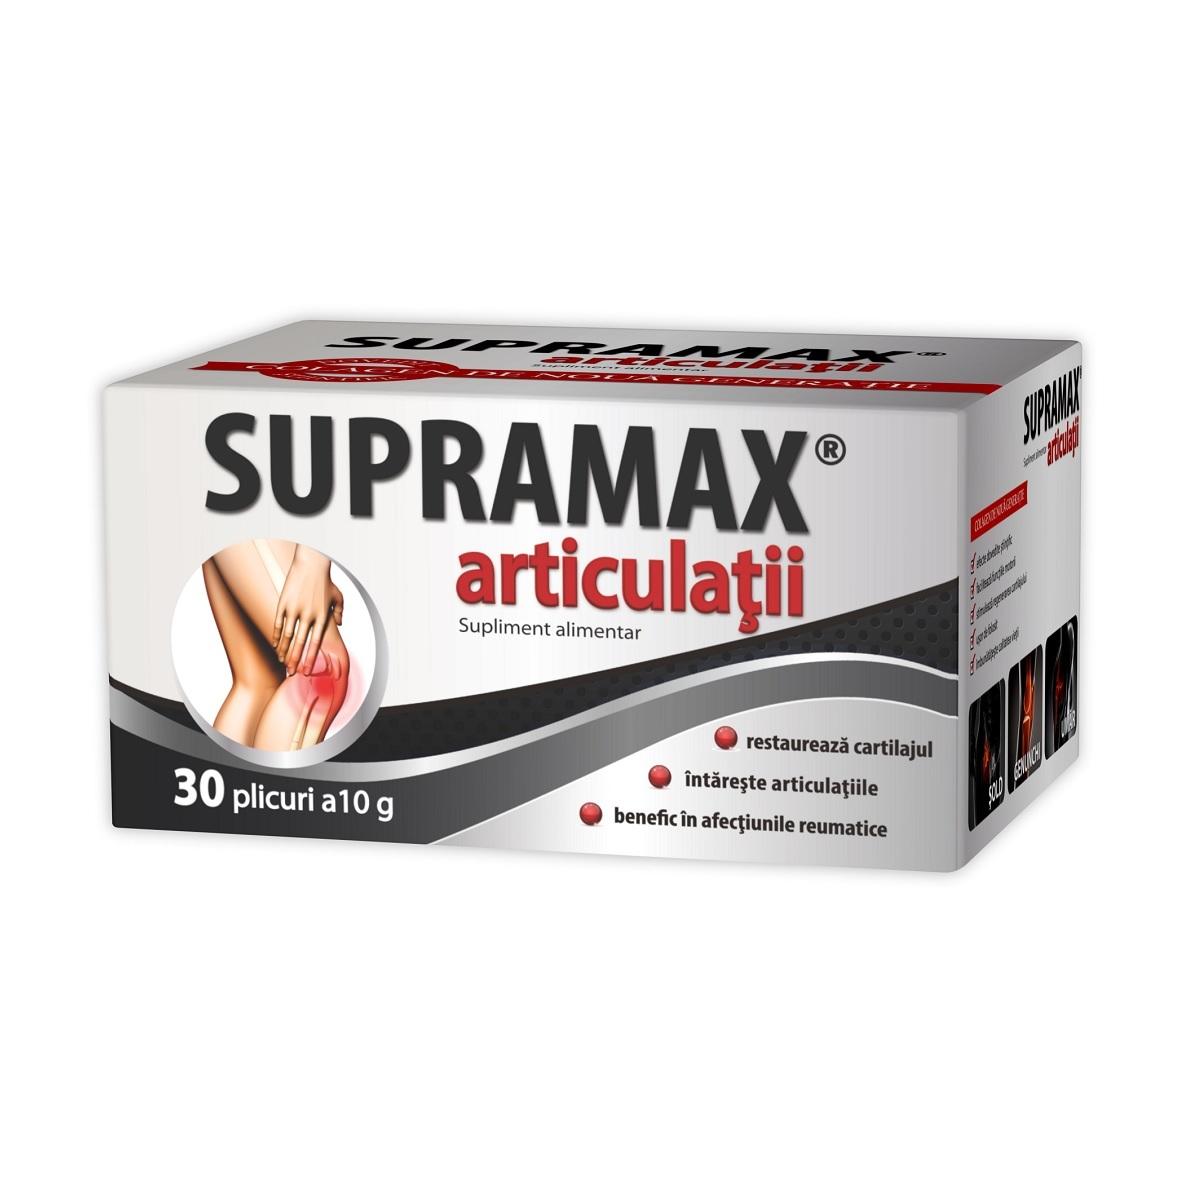 articulația metacarpofangianală doare nutriție pentru artroza articulațiilor tratamentului mâinilor